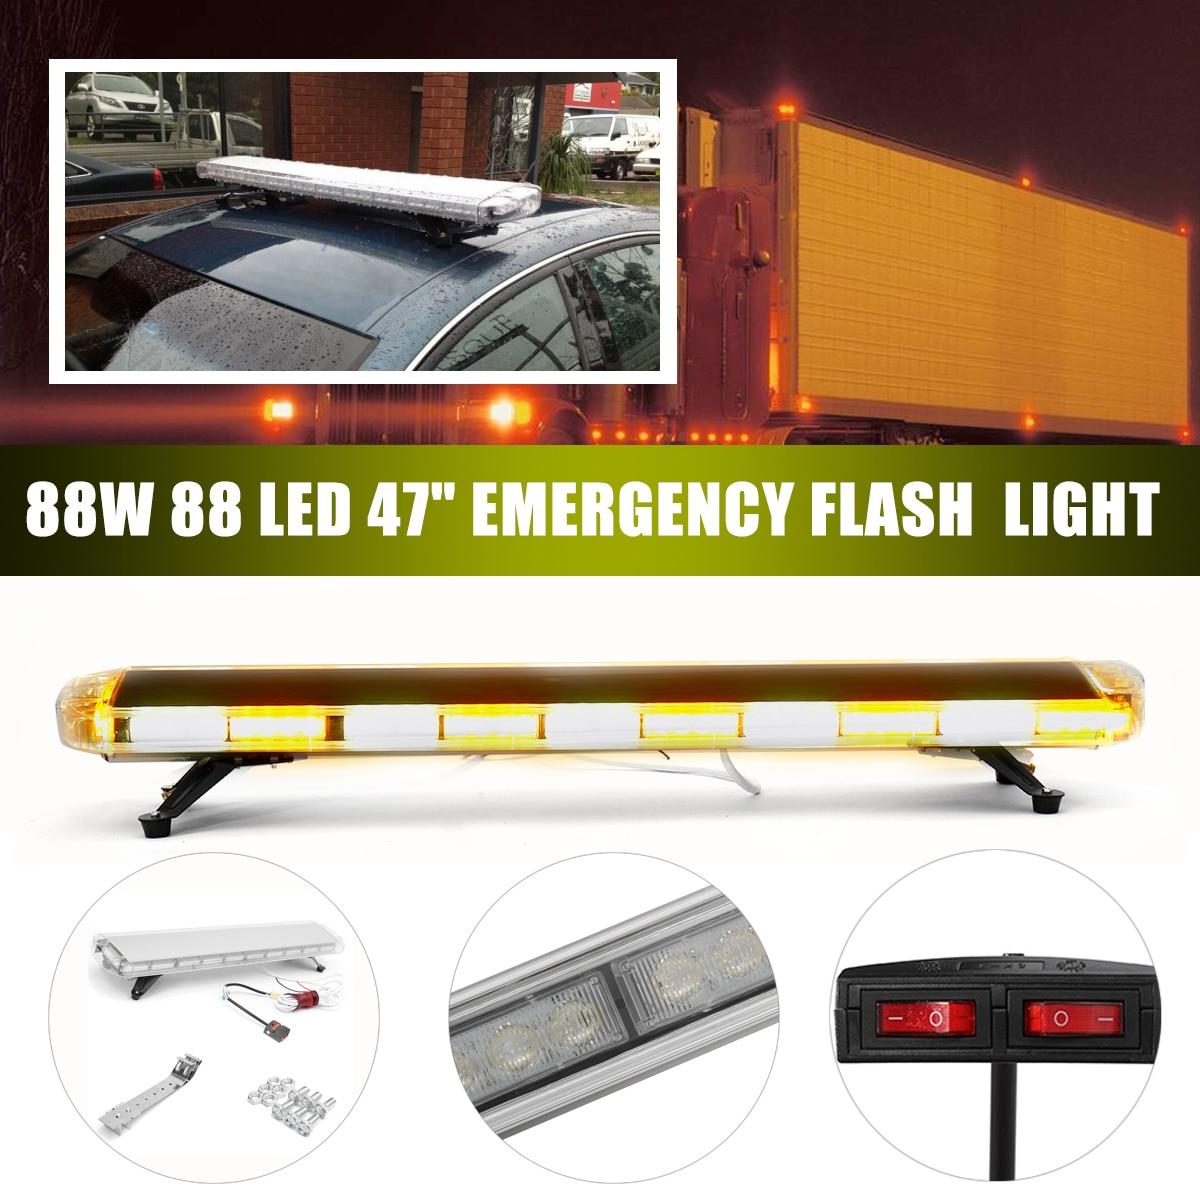 47 дюймов 88 Вт Автомобильный светодиодный светильник аварийный Маяк 88 светодиодный стробоскопический светильник желтый/белый для автомоби